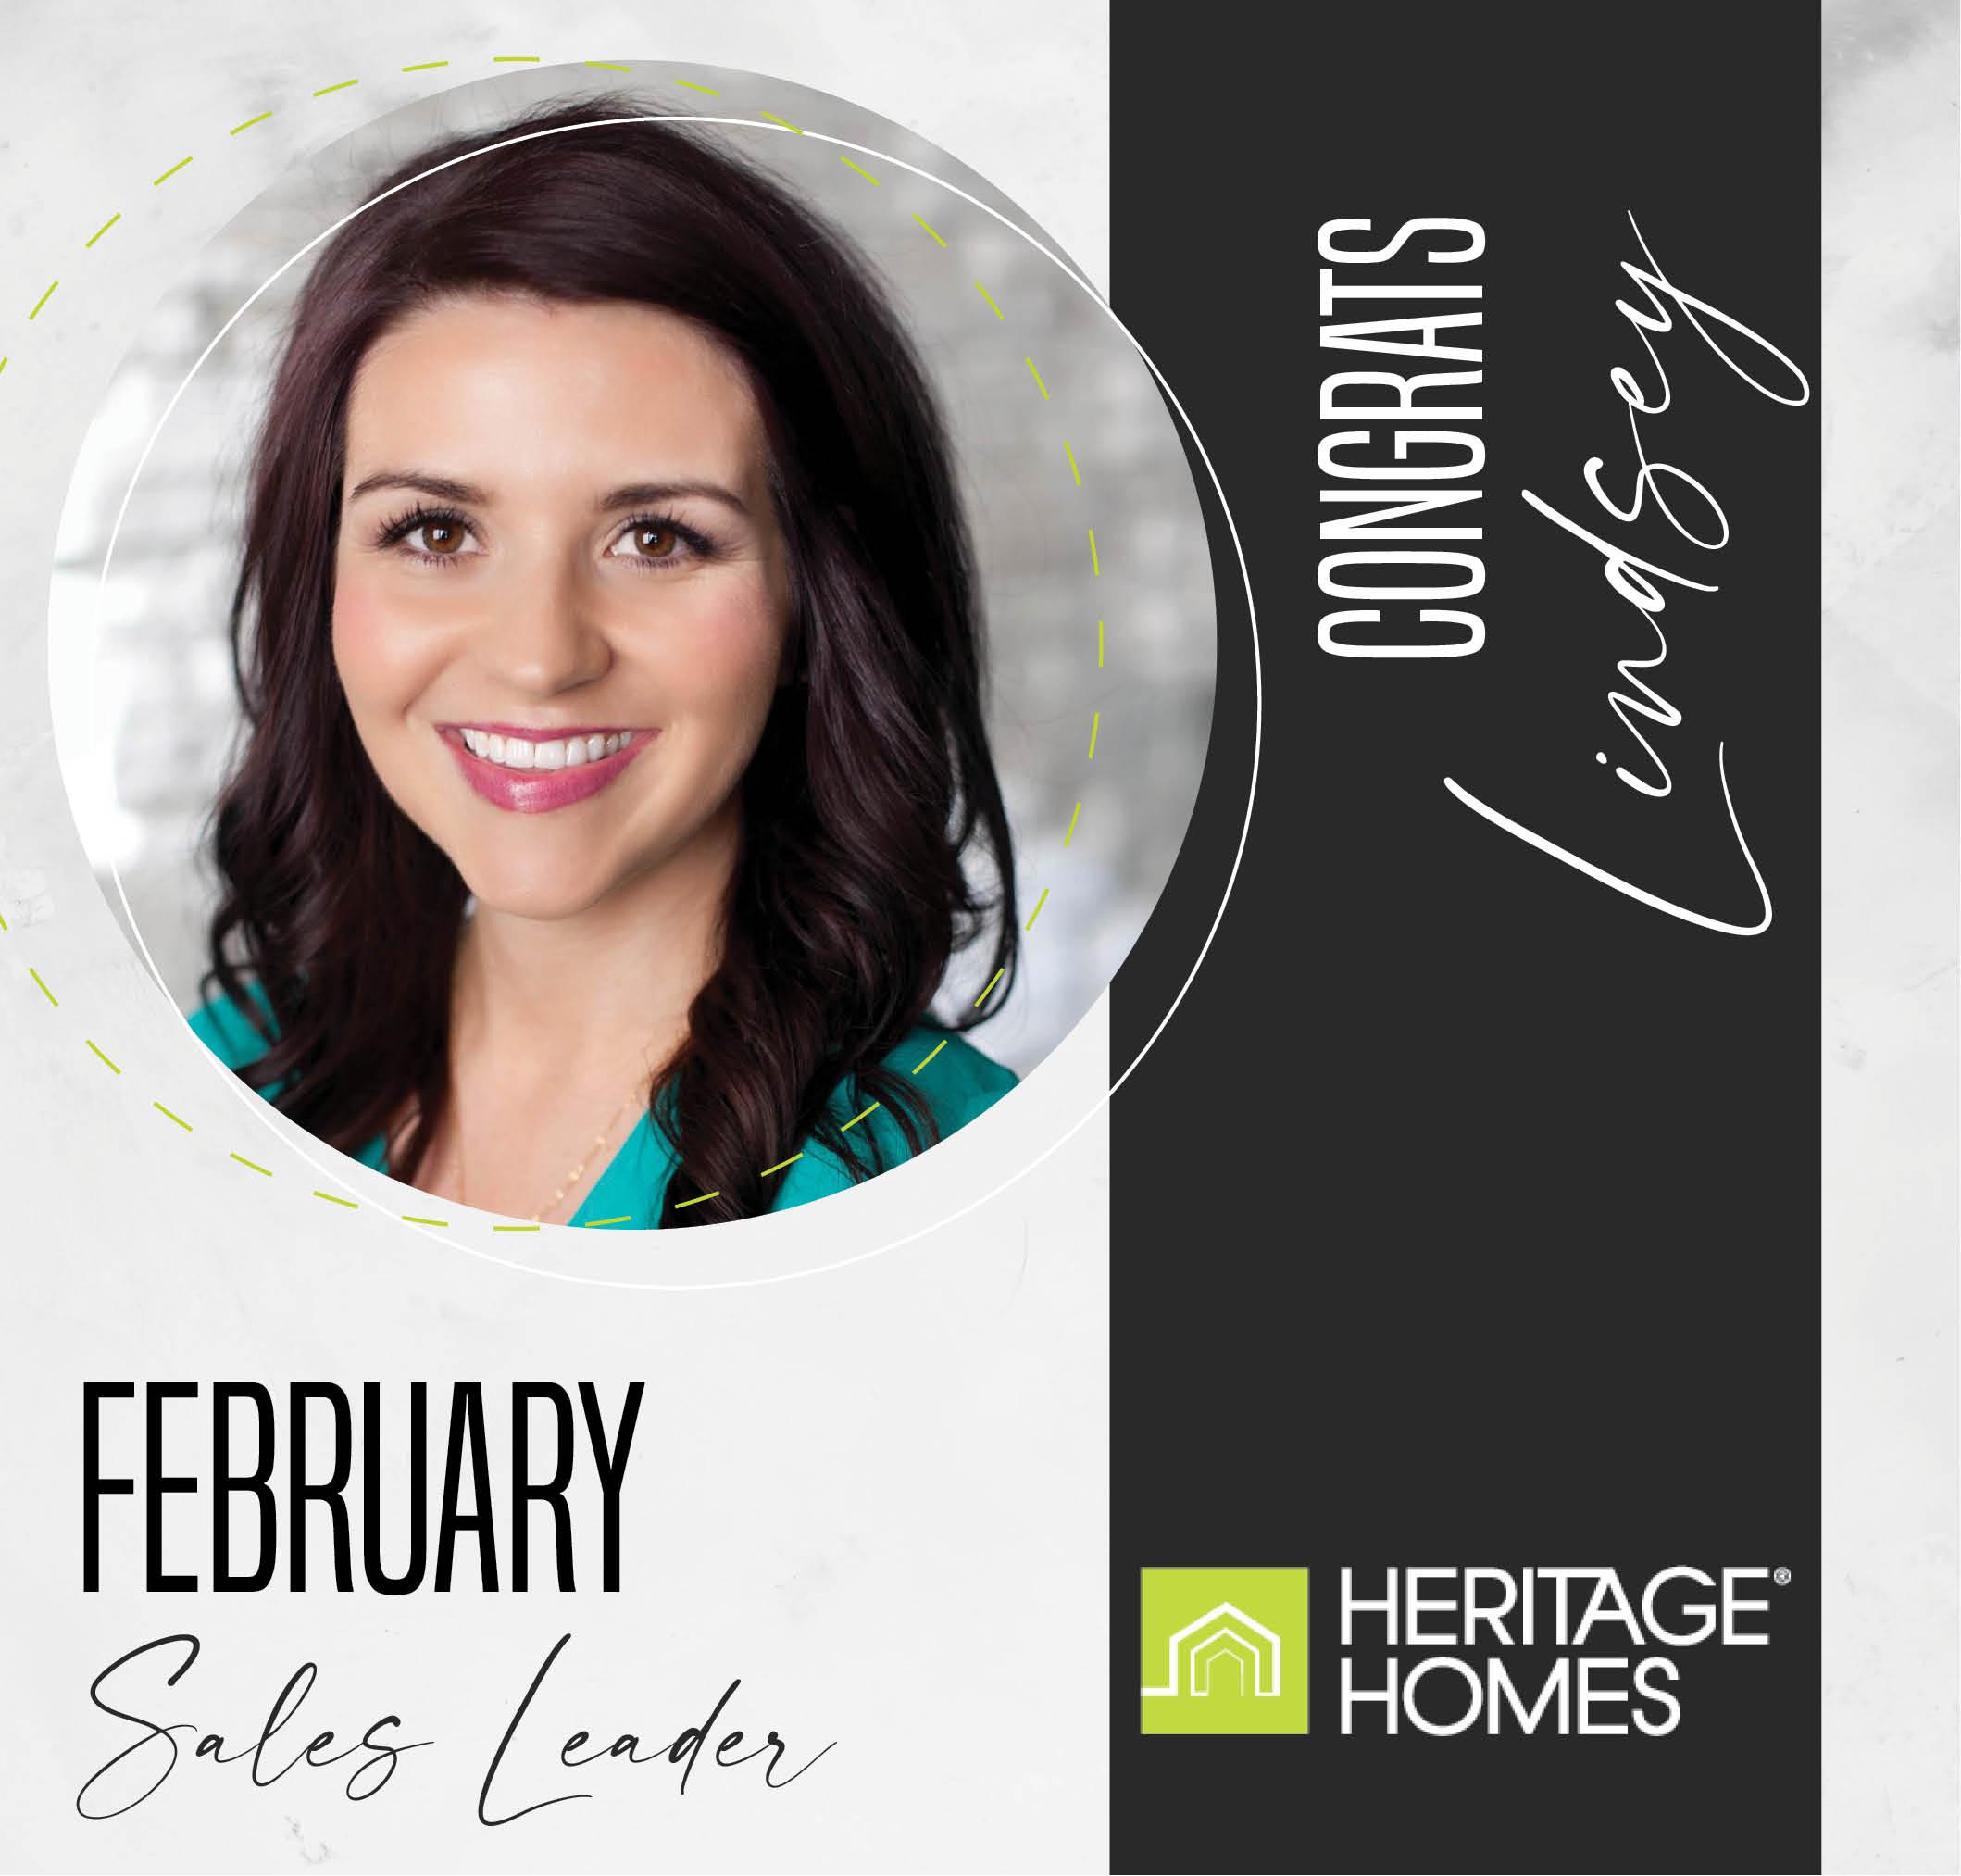 February Sales Leader – Lindsey Little